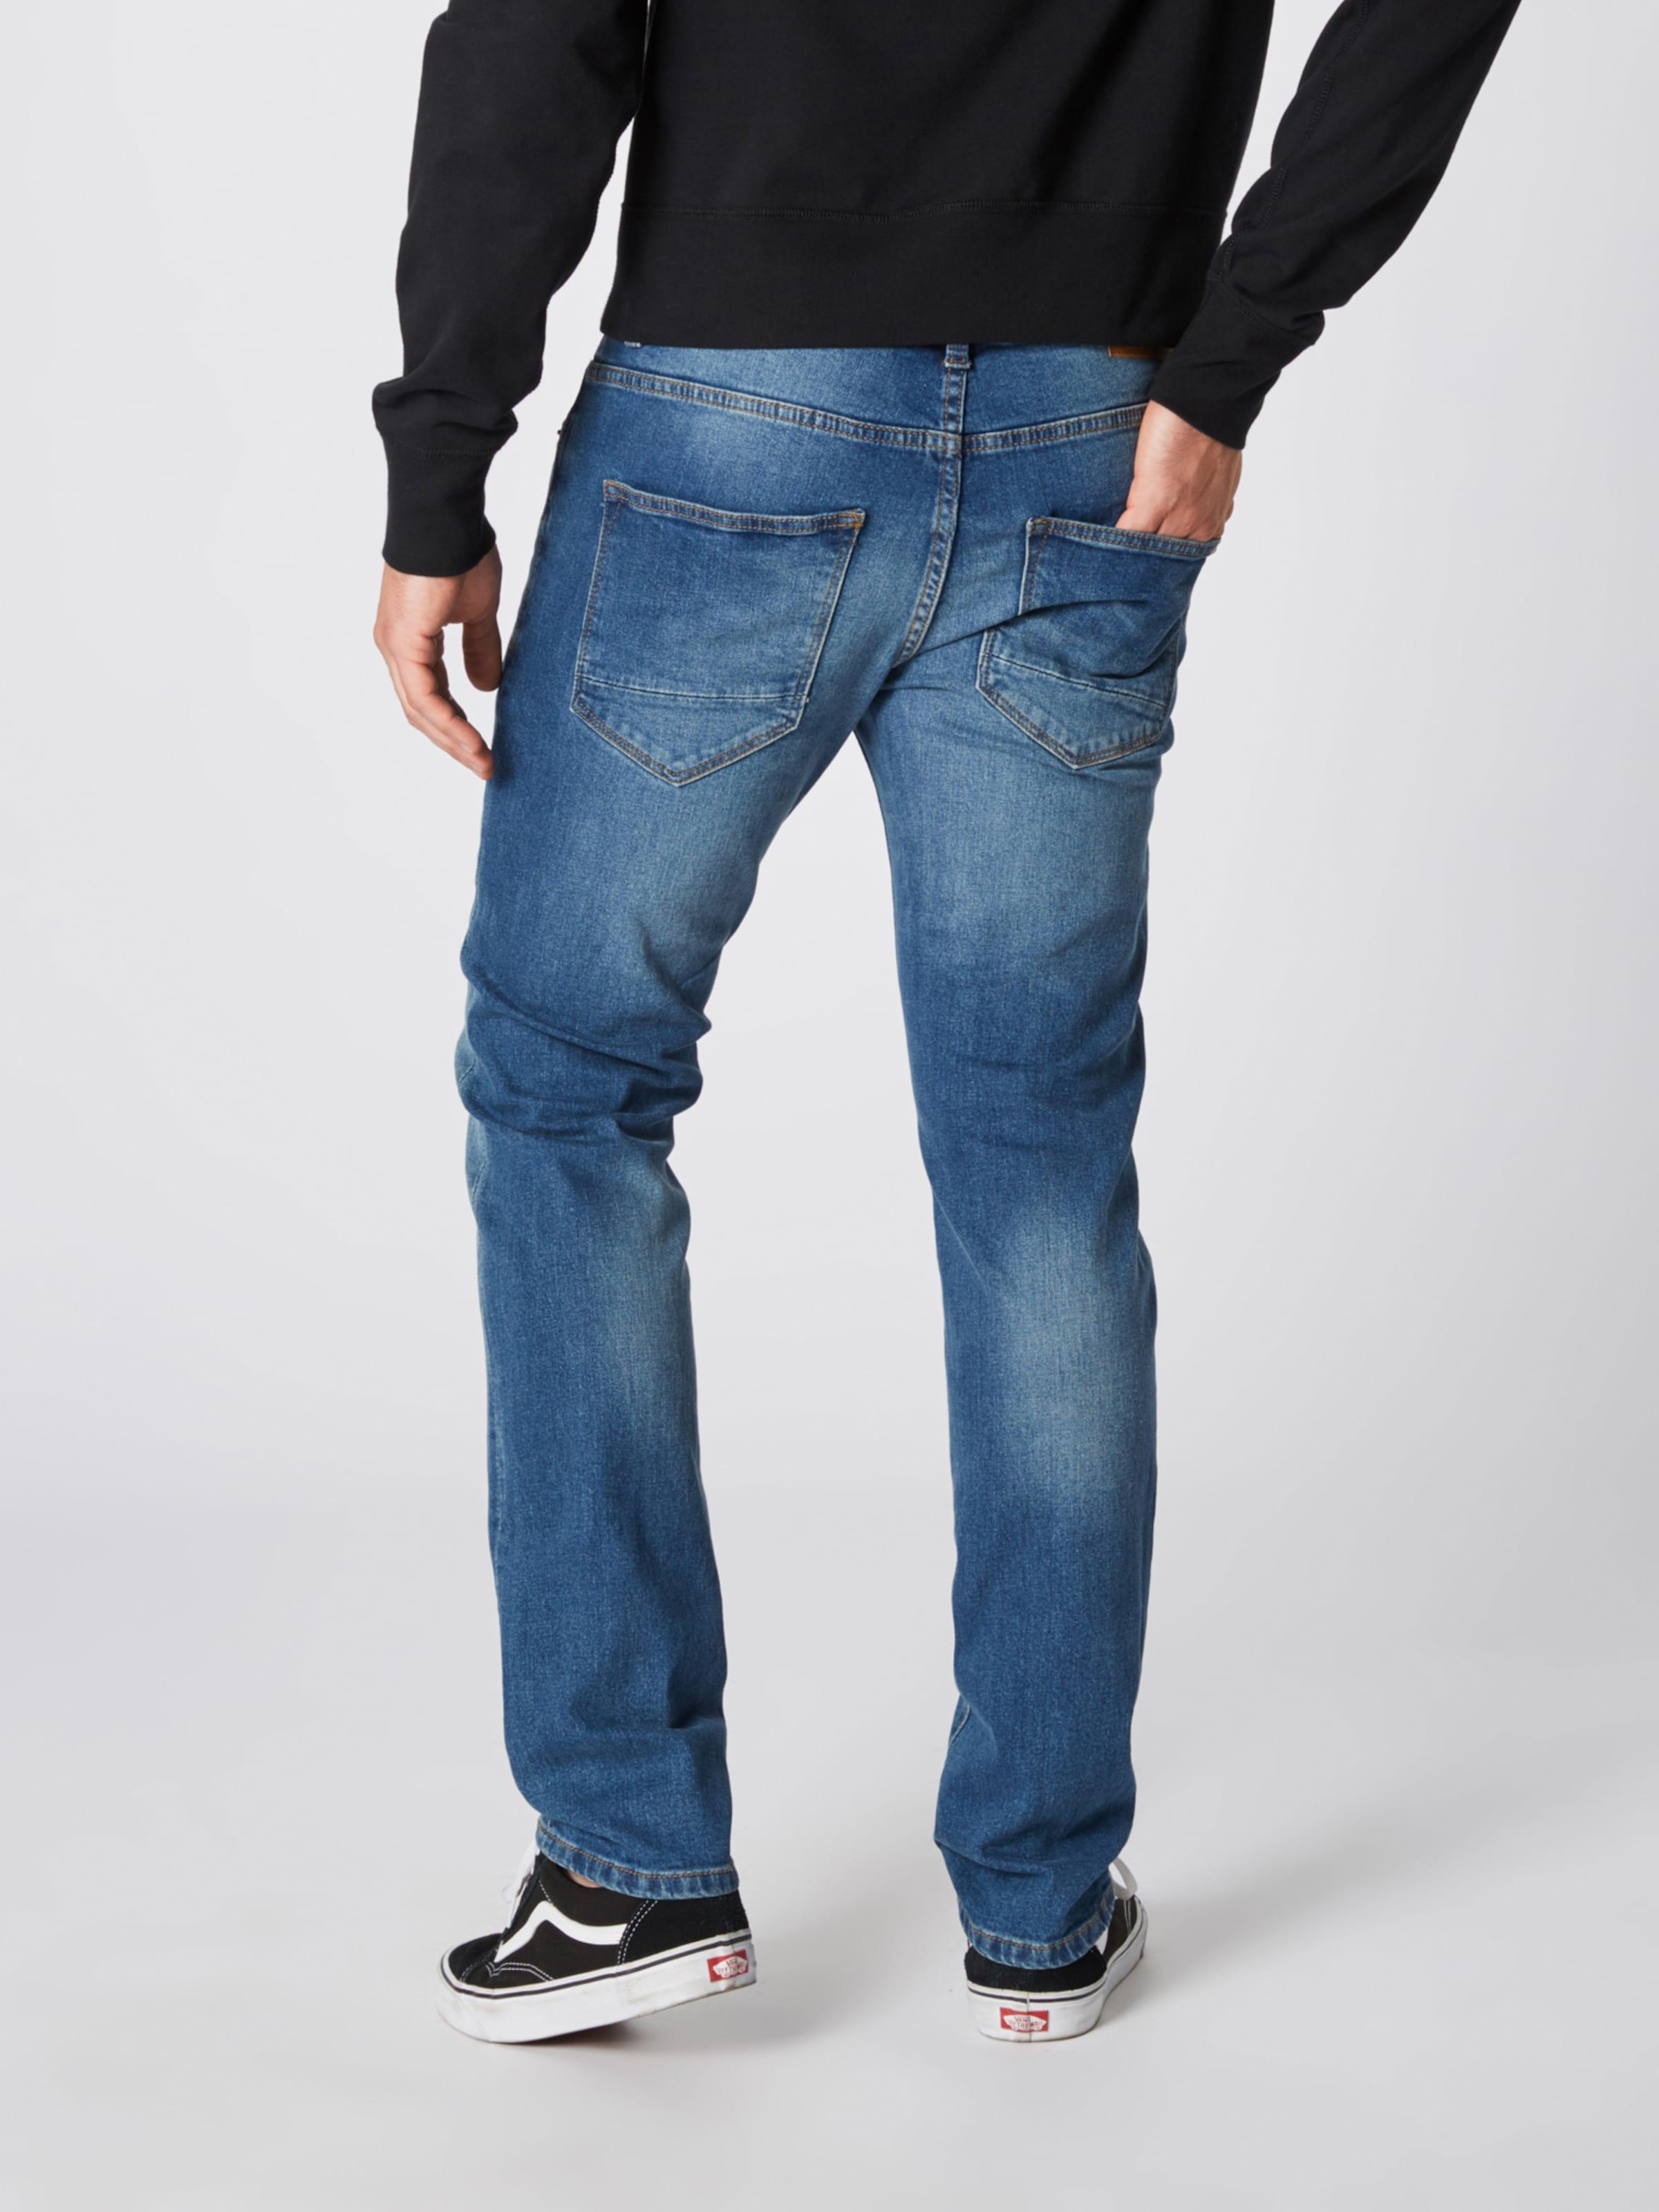 In Denim 'ryder Blue Jeans Blue' solid vn0Om8wN